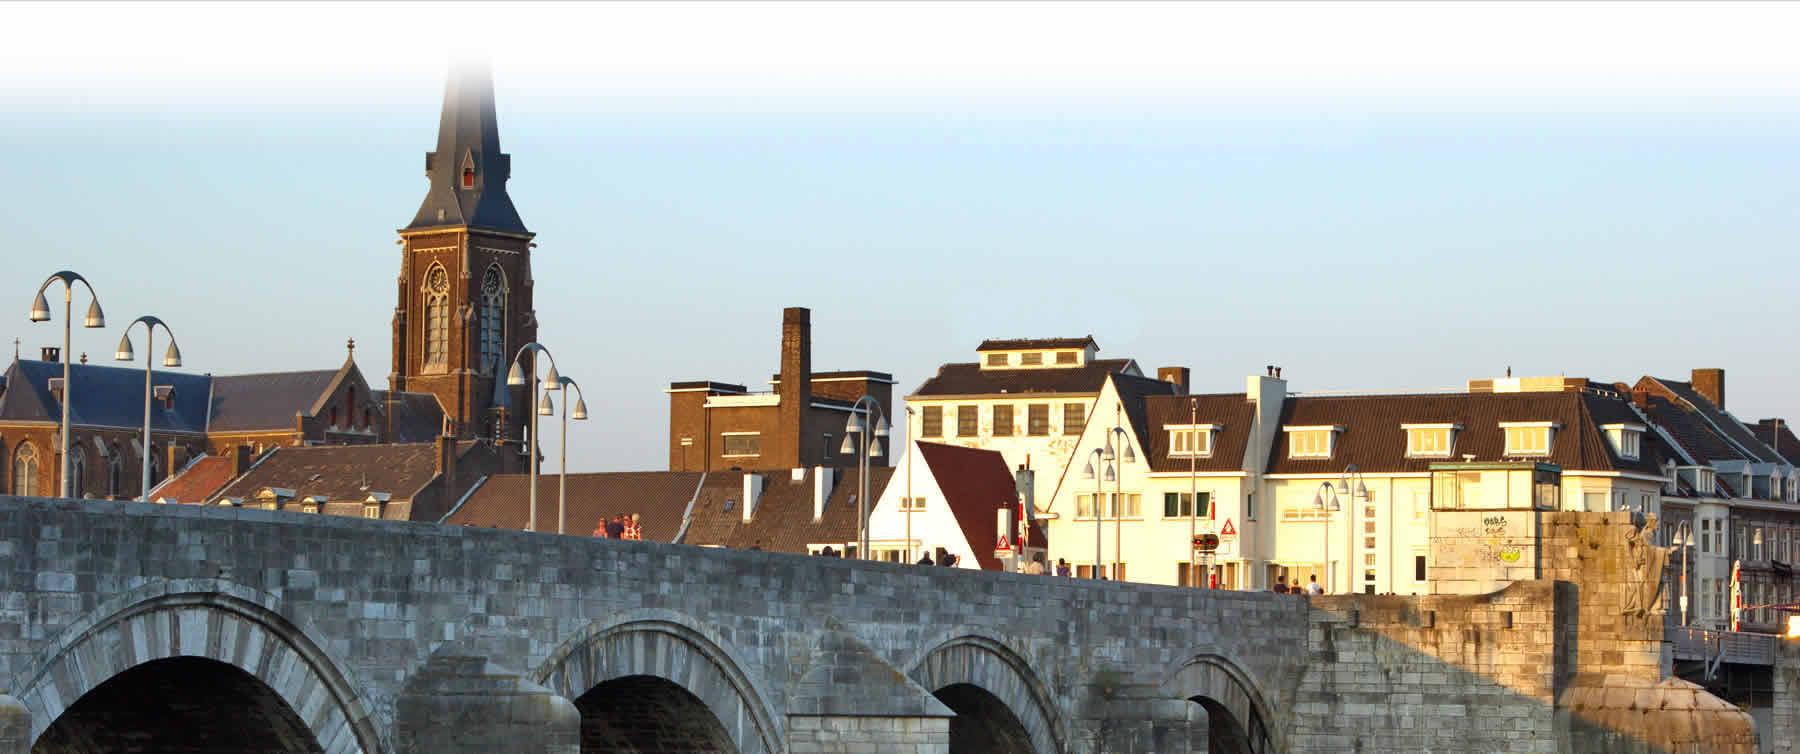 Enjoy visiting European destinations when you book your travel with Wetzstein Travel of Bismarck, North Dakota.